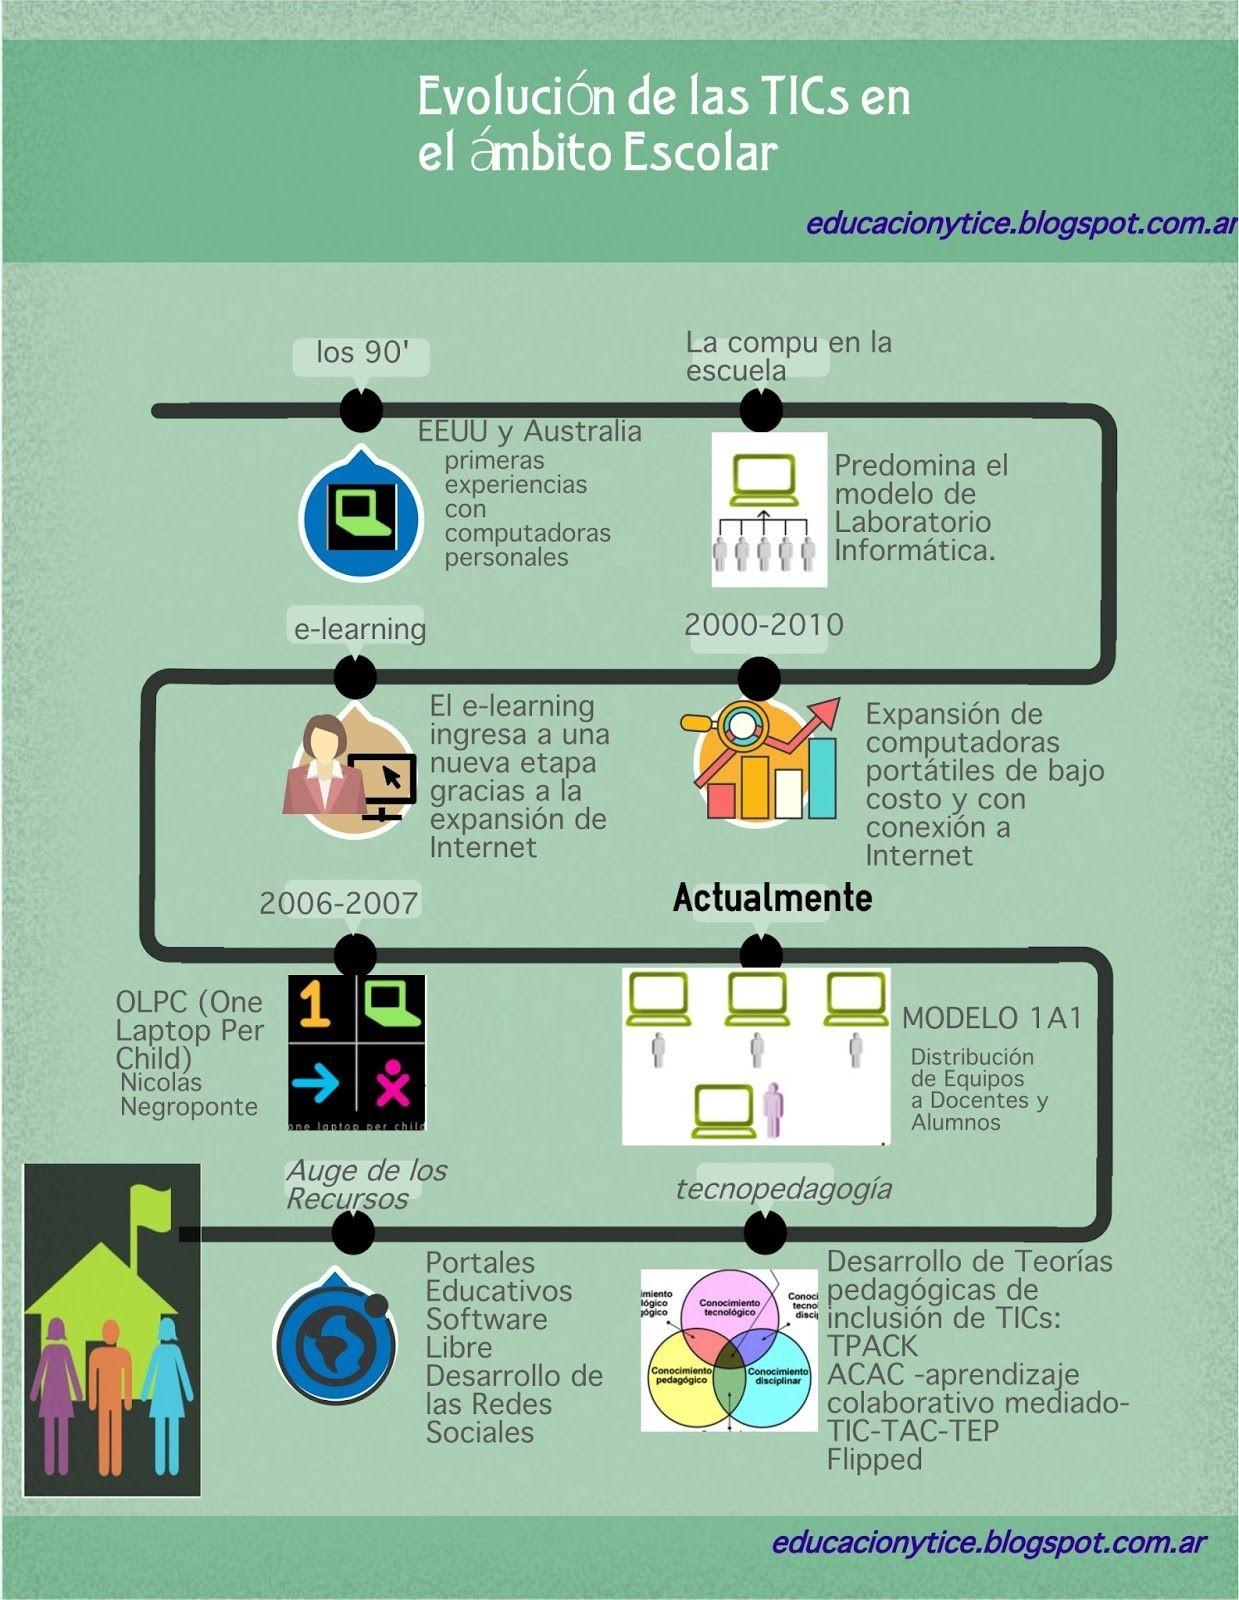 infografia evolucion de las TIC en educacion